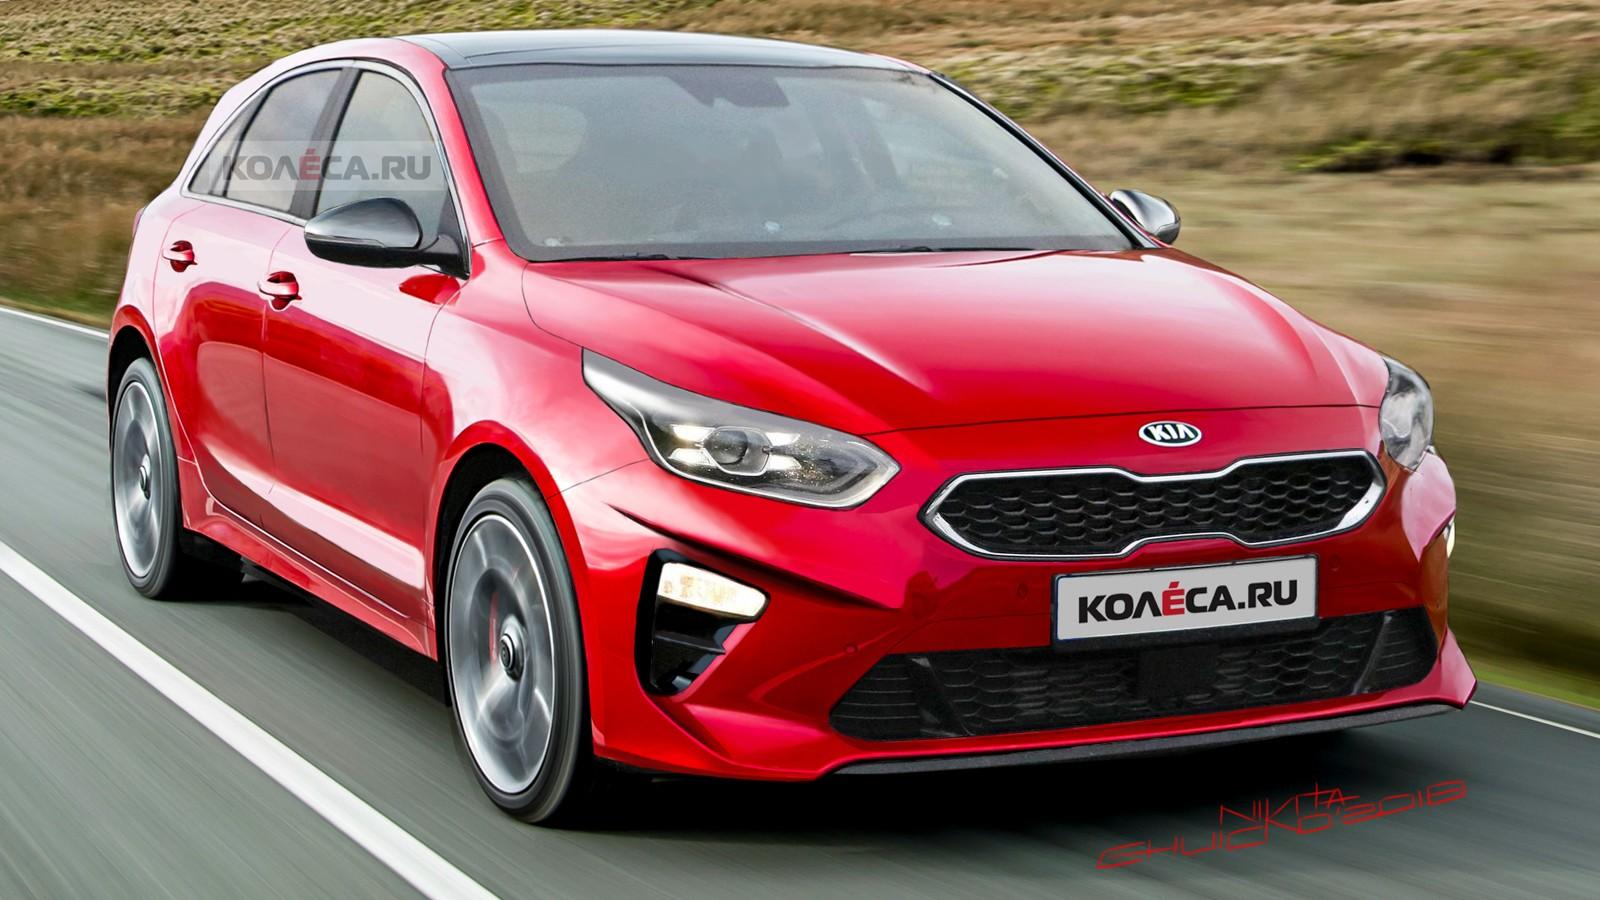 Kia Ceed front2